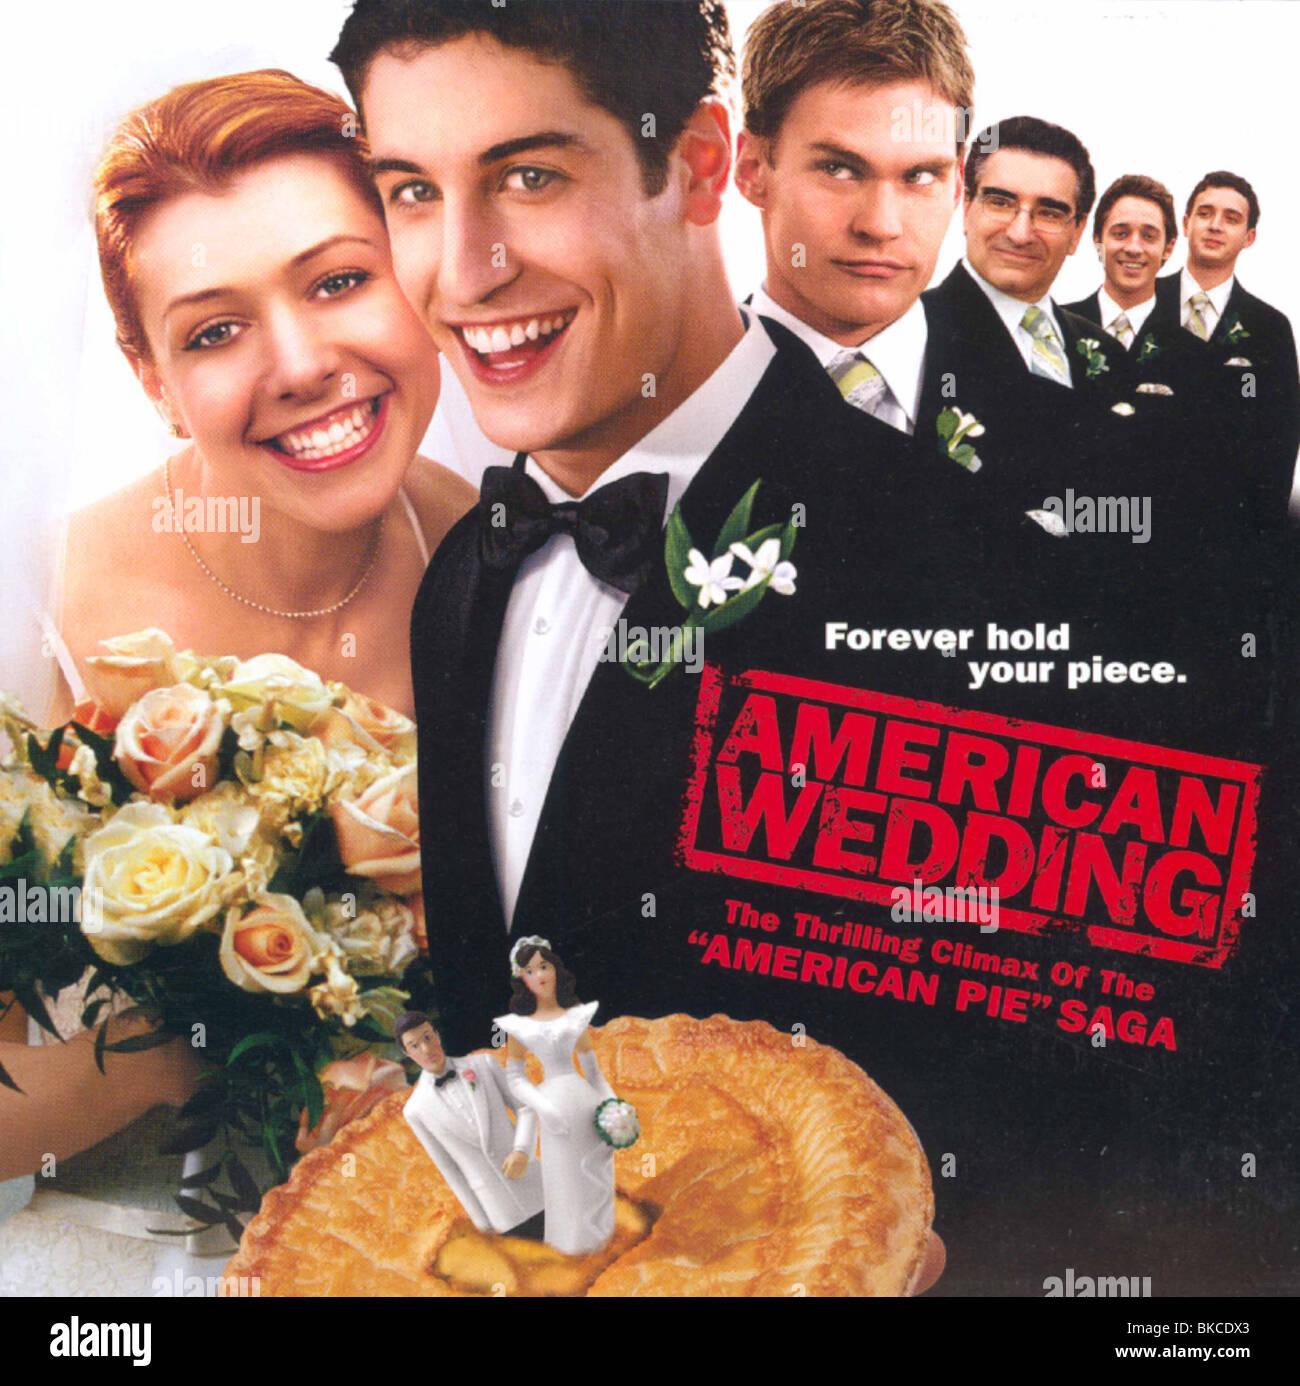 The American Wedding.American Wedding 2003 American Pie 3 Piece Of Pie Alt